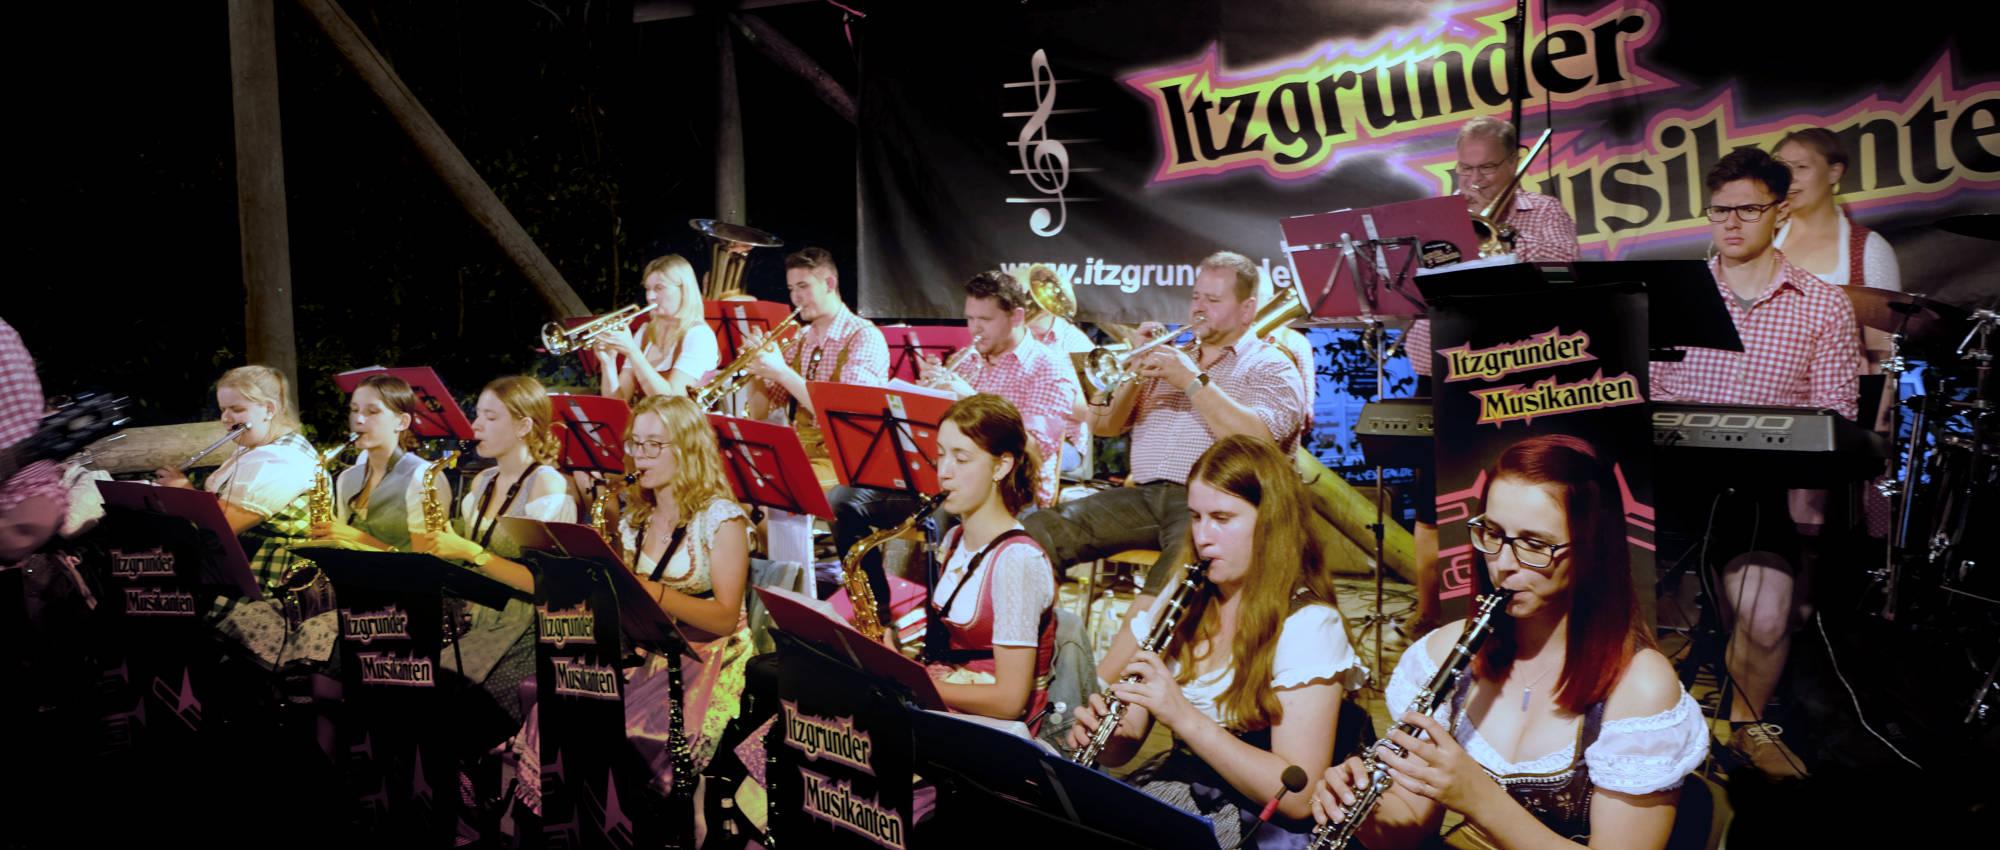 Itzgrunder Musikanten - Showband